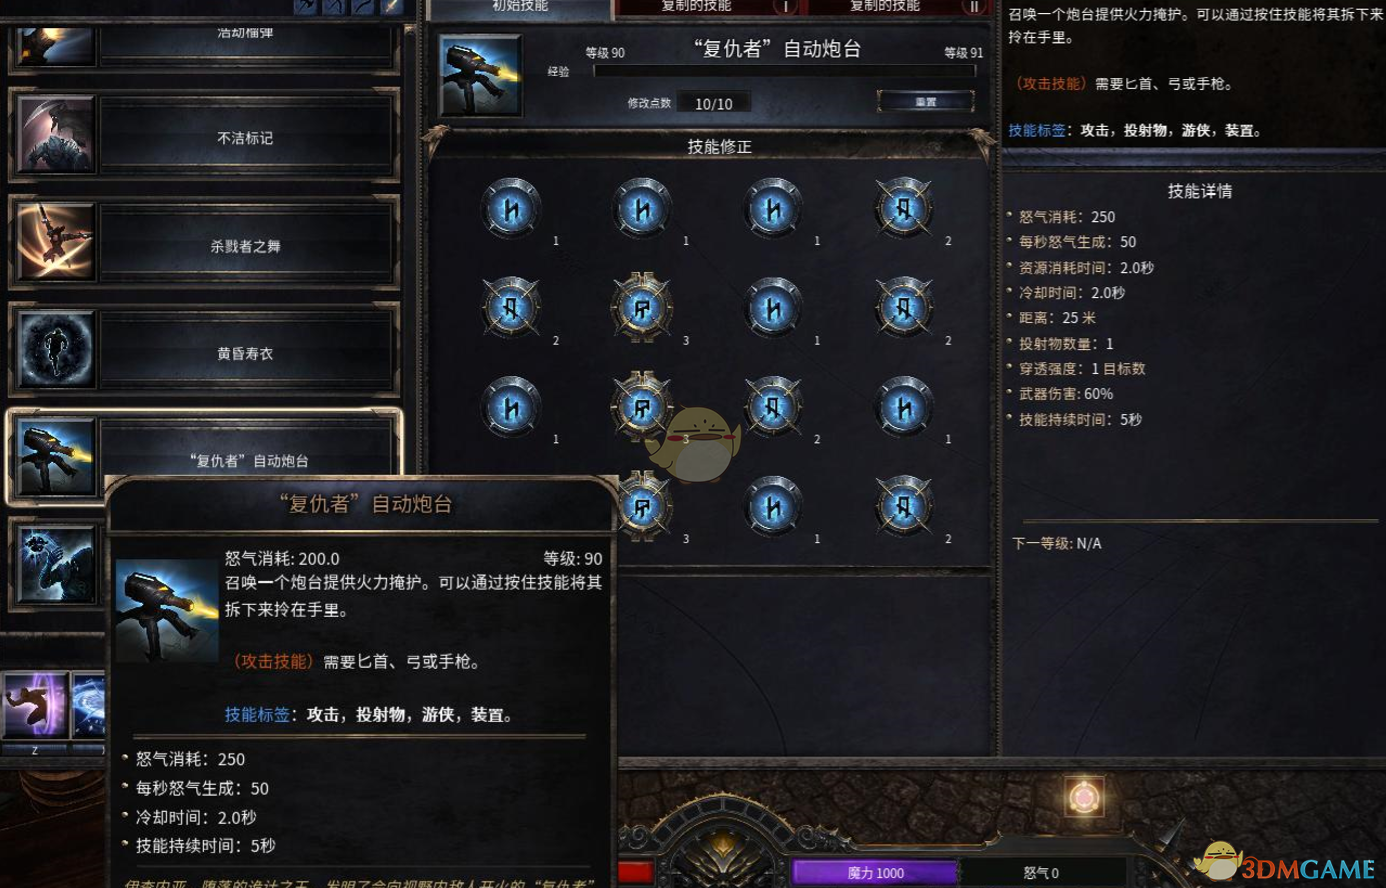 《破坏领主》复仇者自动炮台90级技能属性详解